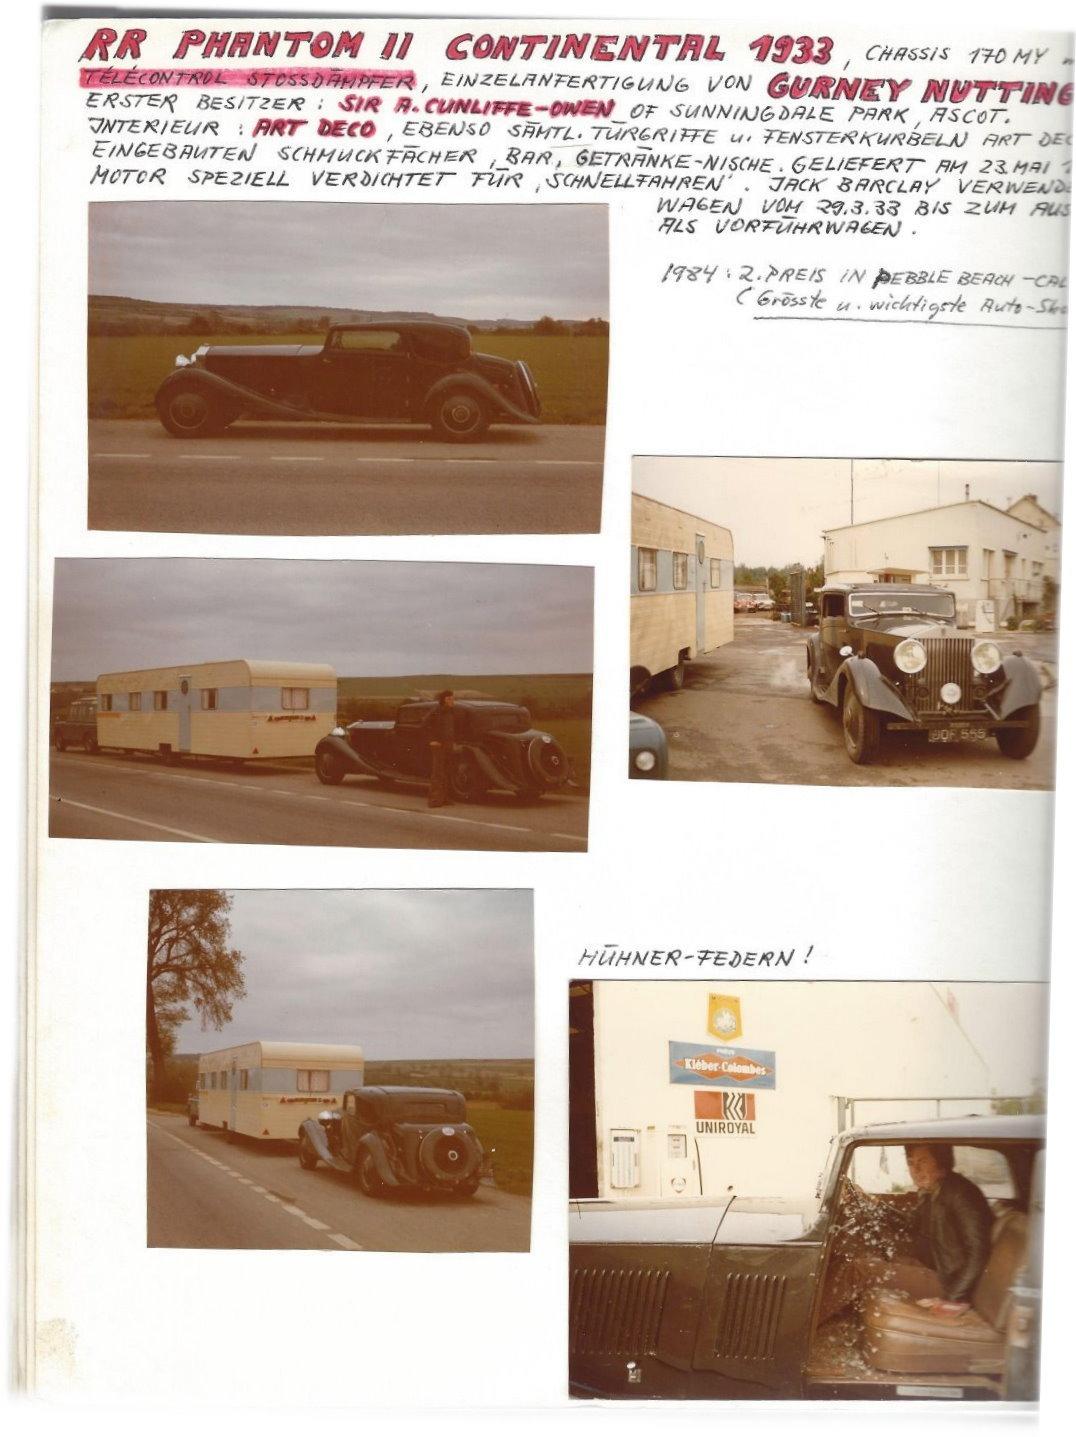 Used-1933-Rolls-Royce-Phantom-II-Continental-Gurney-Nutting